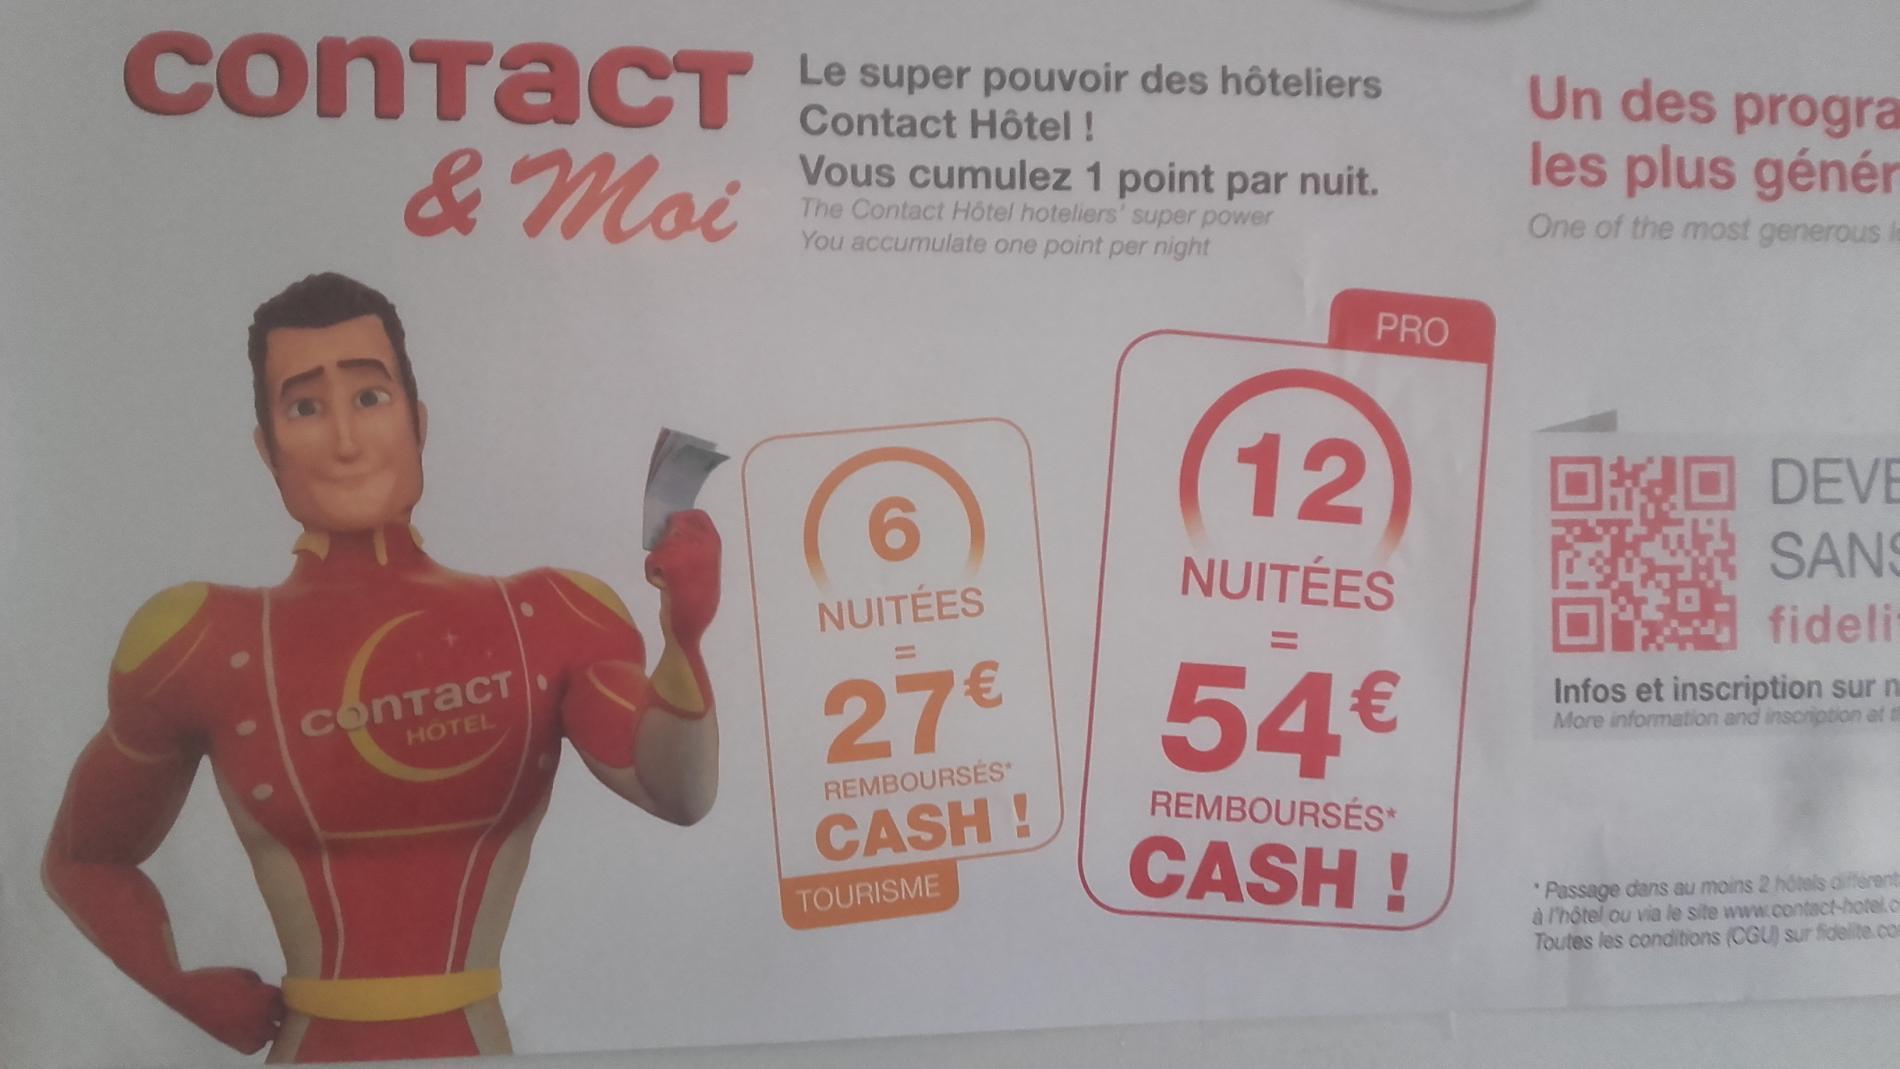 Notre programme de Fidélité Contact Hotel, le plus généreux de France, valable uniquement pour les réservations directes